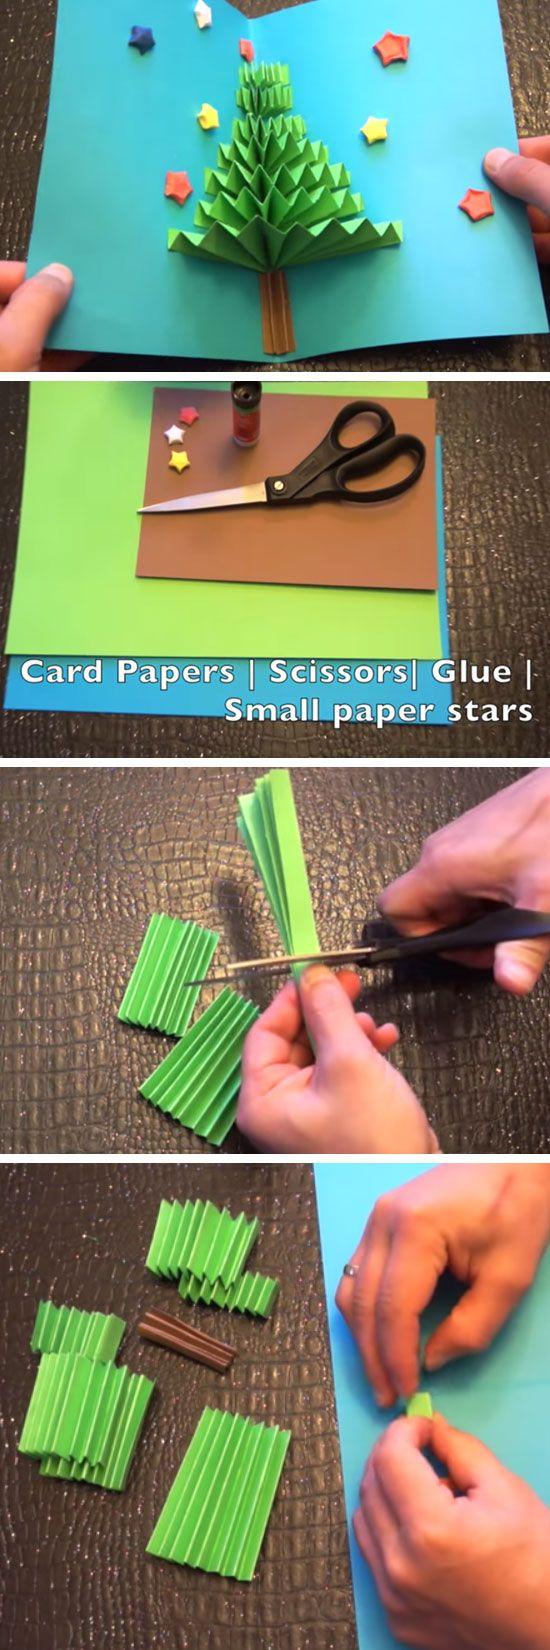 Weihnachtsbaum DIY 3D knallen oben Karte | Pop Up Weihnachtskarten für Kinder zu machen | DIY Weihnachtskarten für Freunde